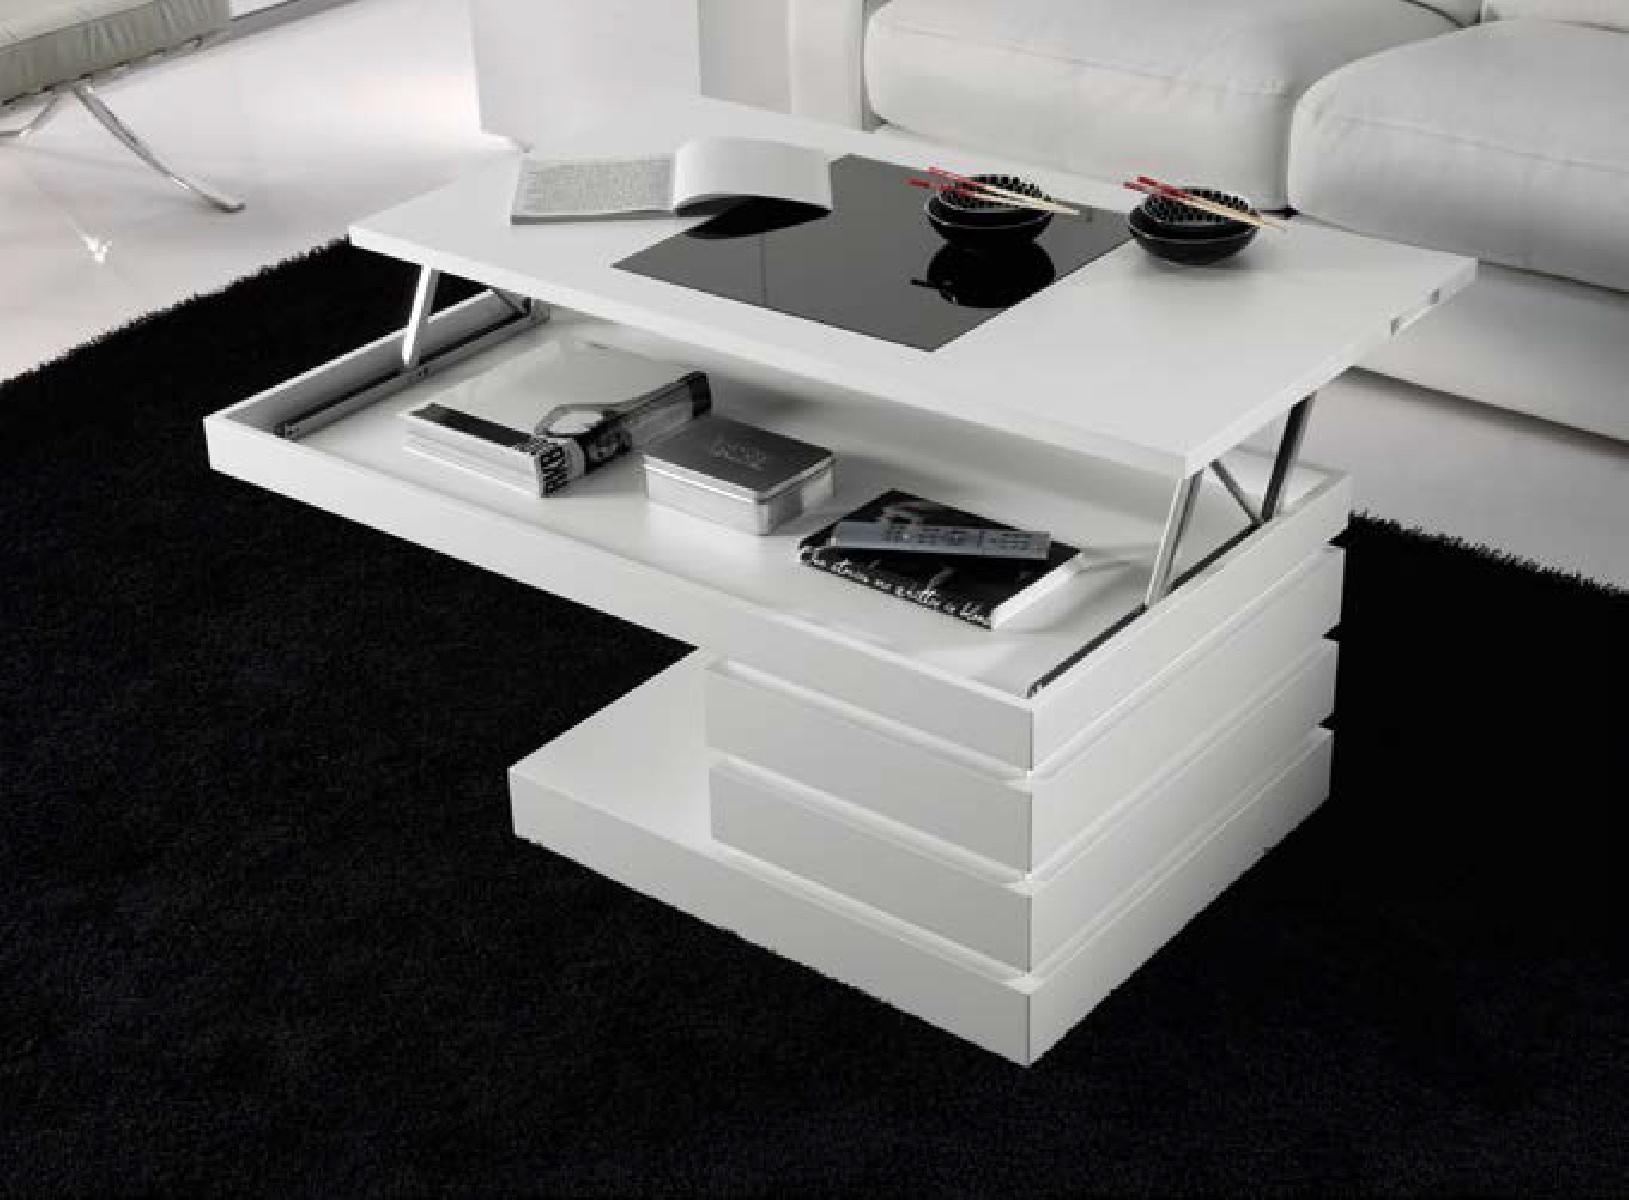 Журнальный стол трансформер 143 Disemobel